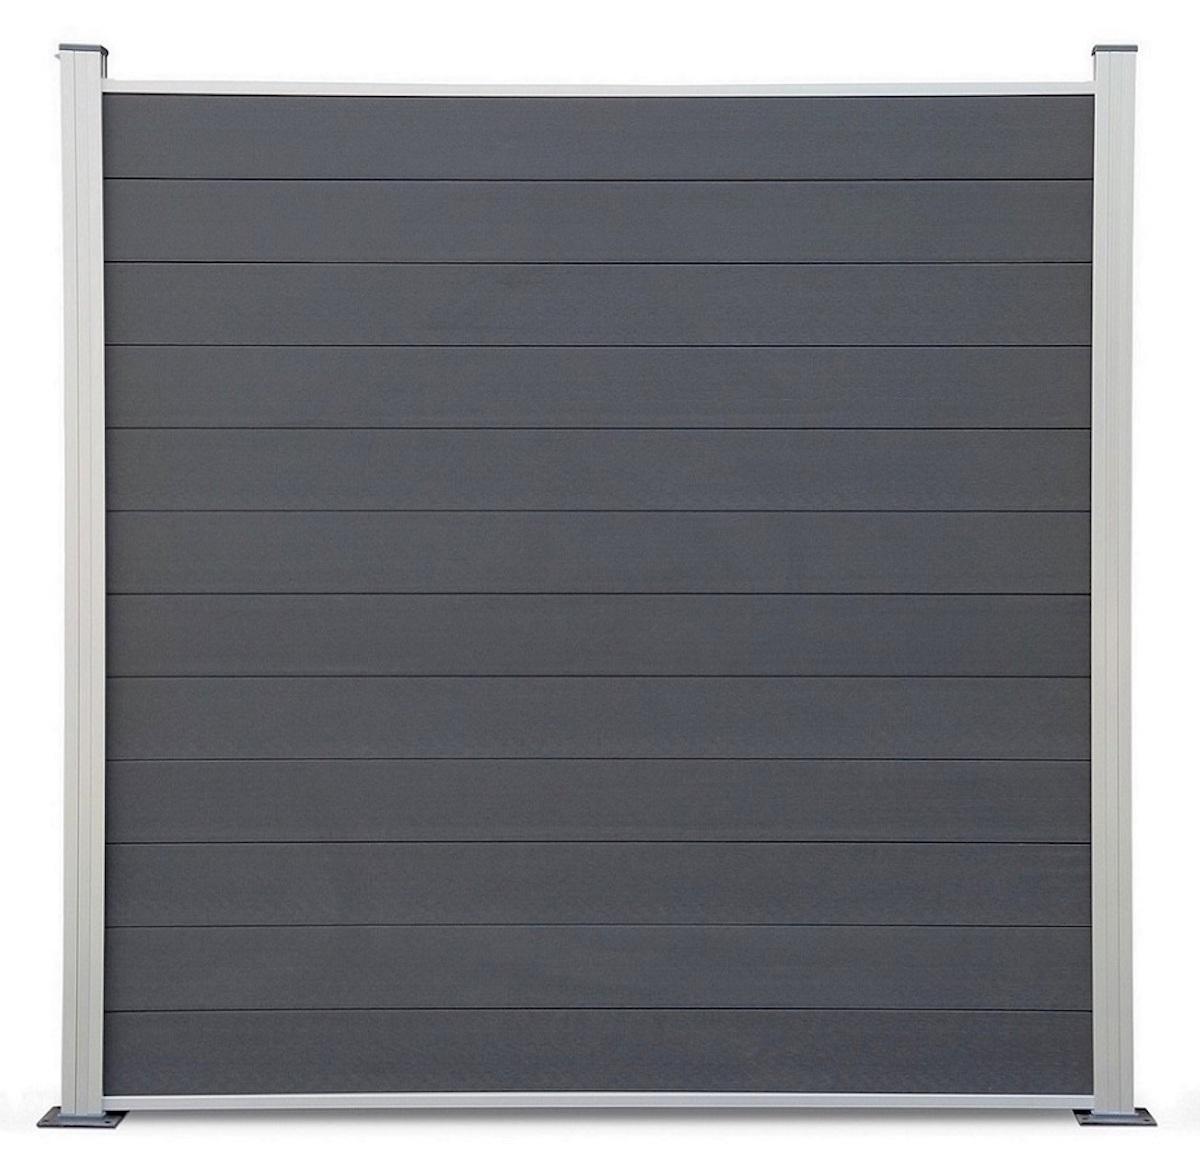 tomi wpc coex sichtschutzzaun premium line windschutz zaun anthrazit silber ebay. Black Bedroom Furniture Sets. Home Design Ideas